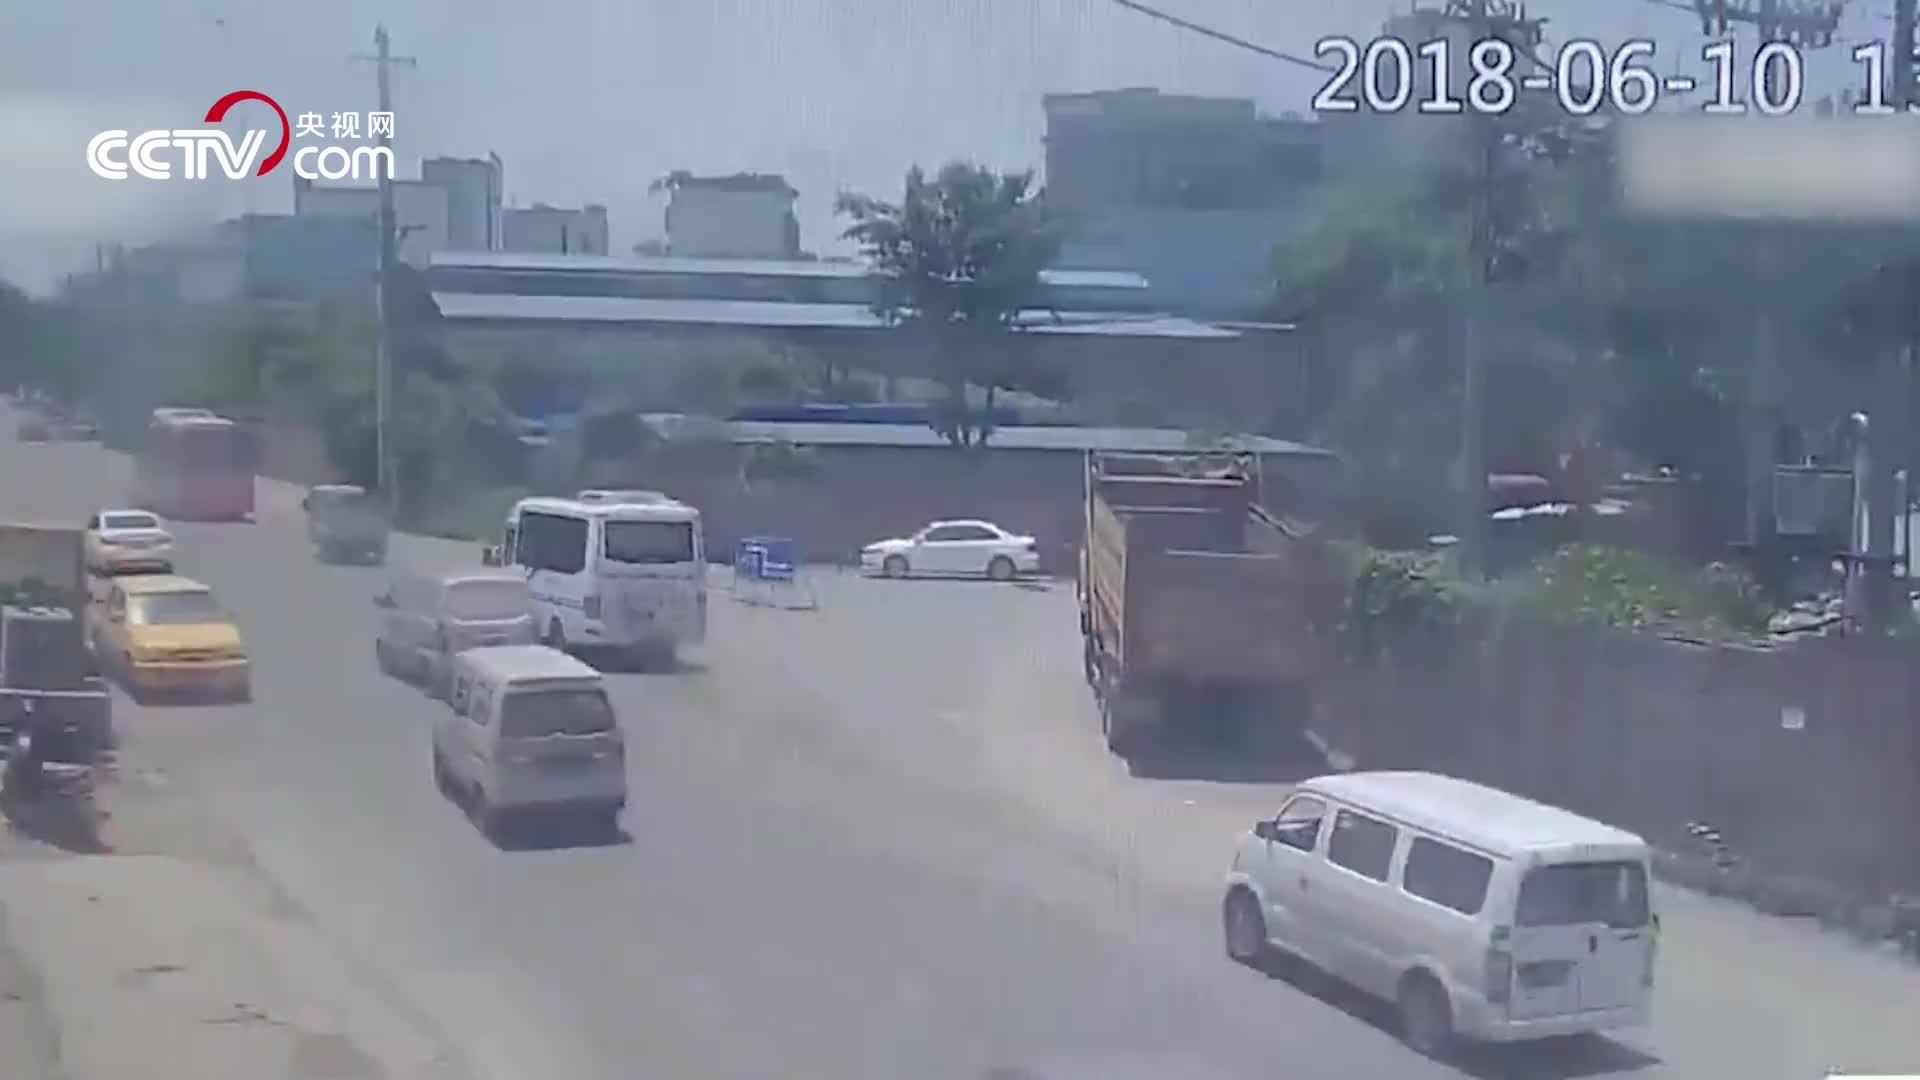 """[视频]""""碰瓷王""""半年撞车50多台 都是对方""""全责"""""""